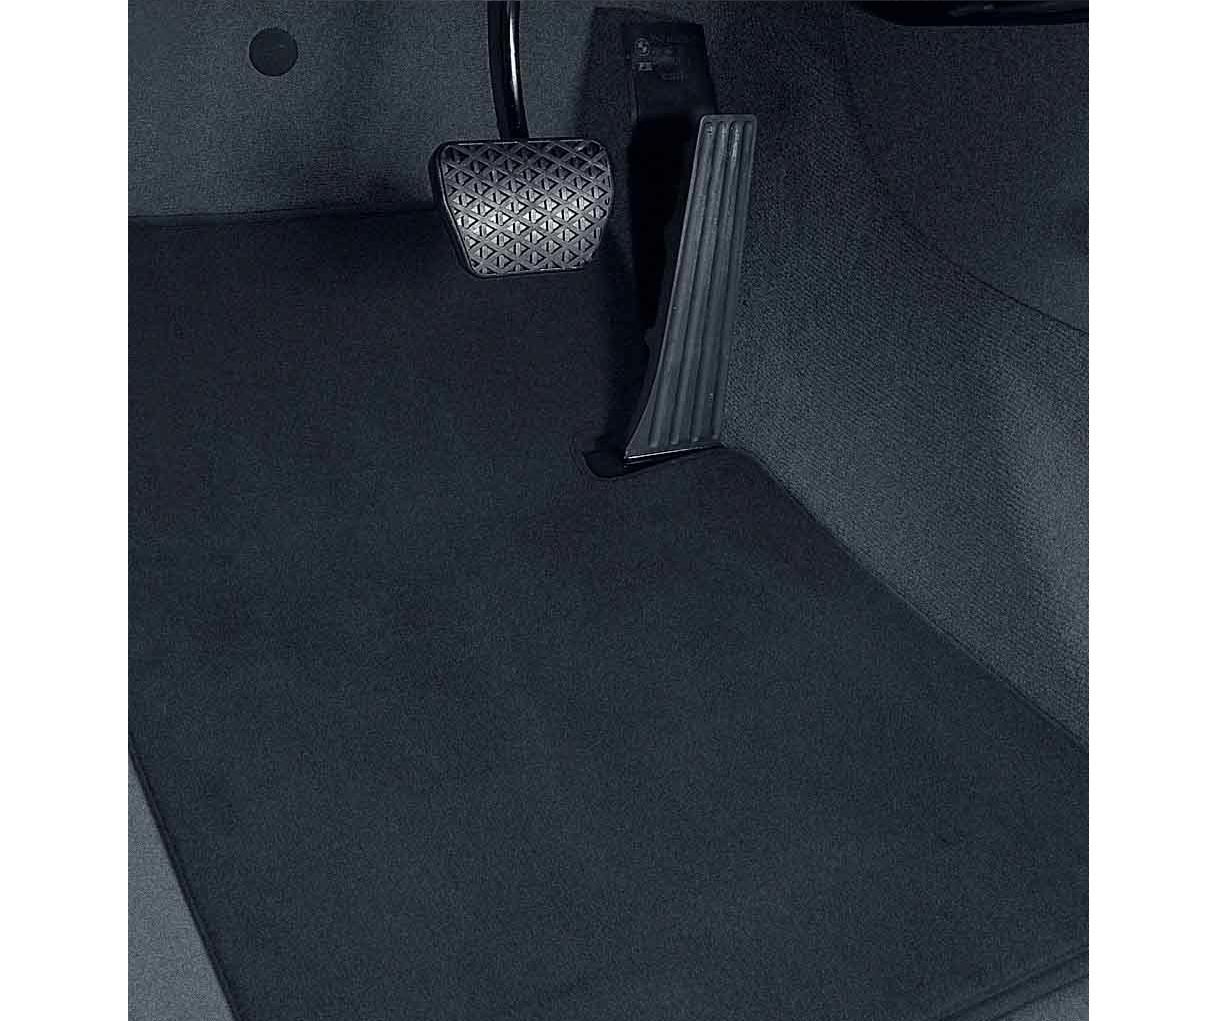 Bmw genuine tailored velour floor mats black e85 e86 z4 51477030766